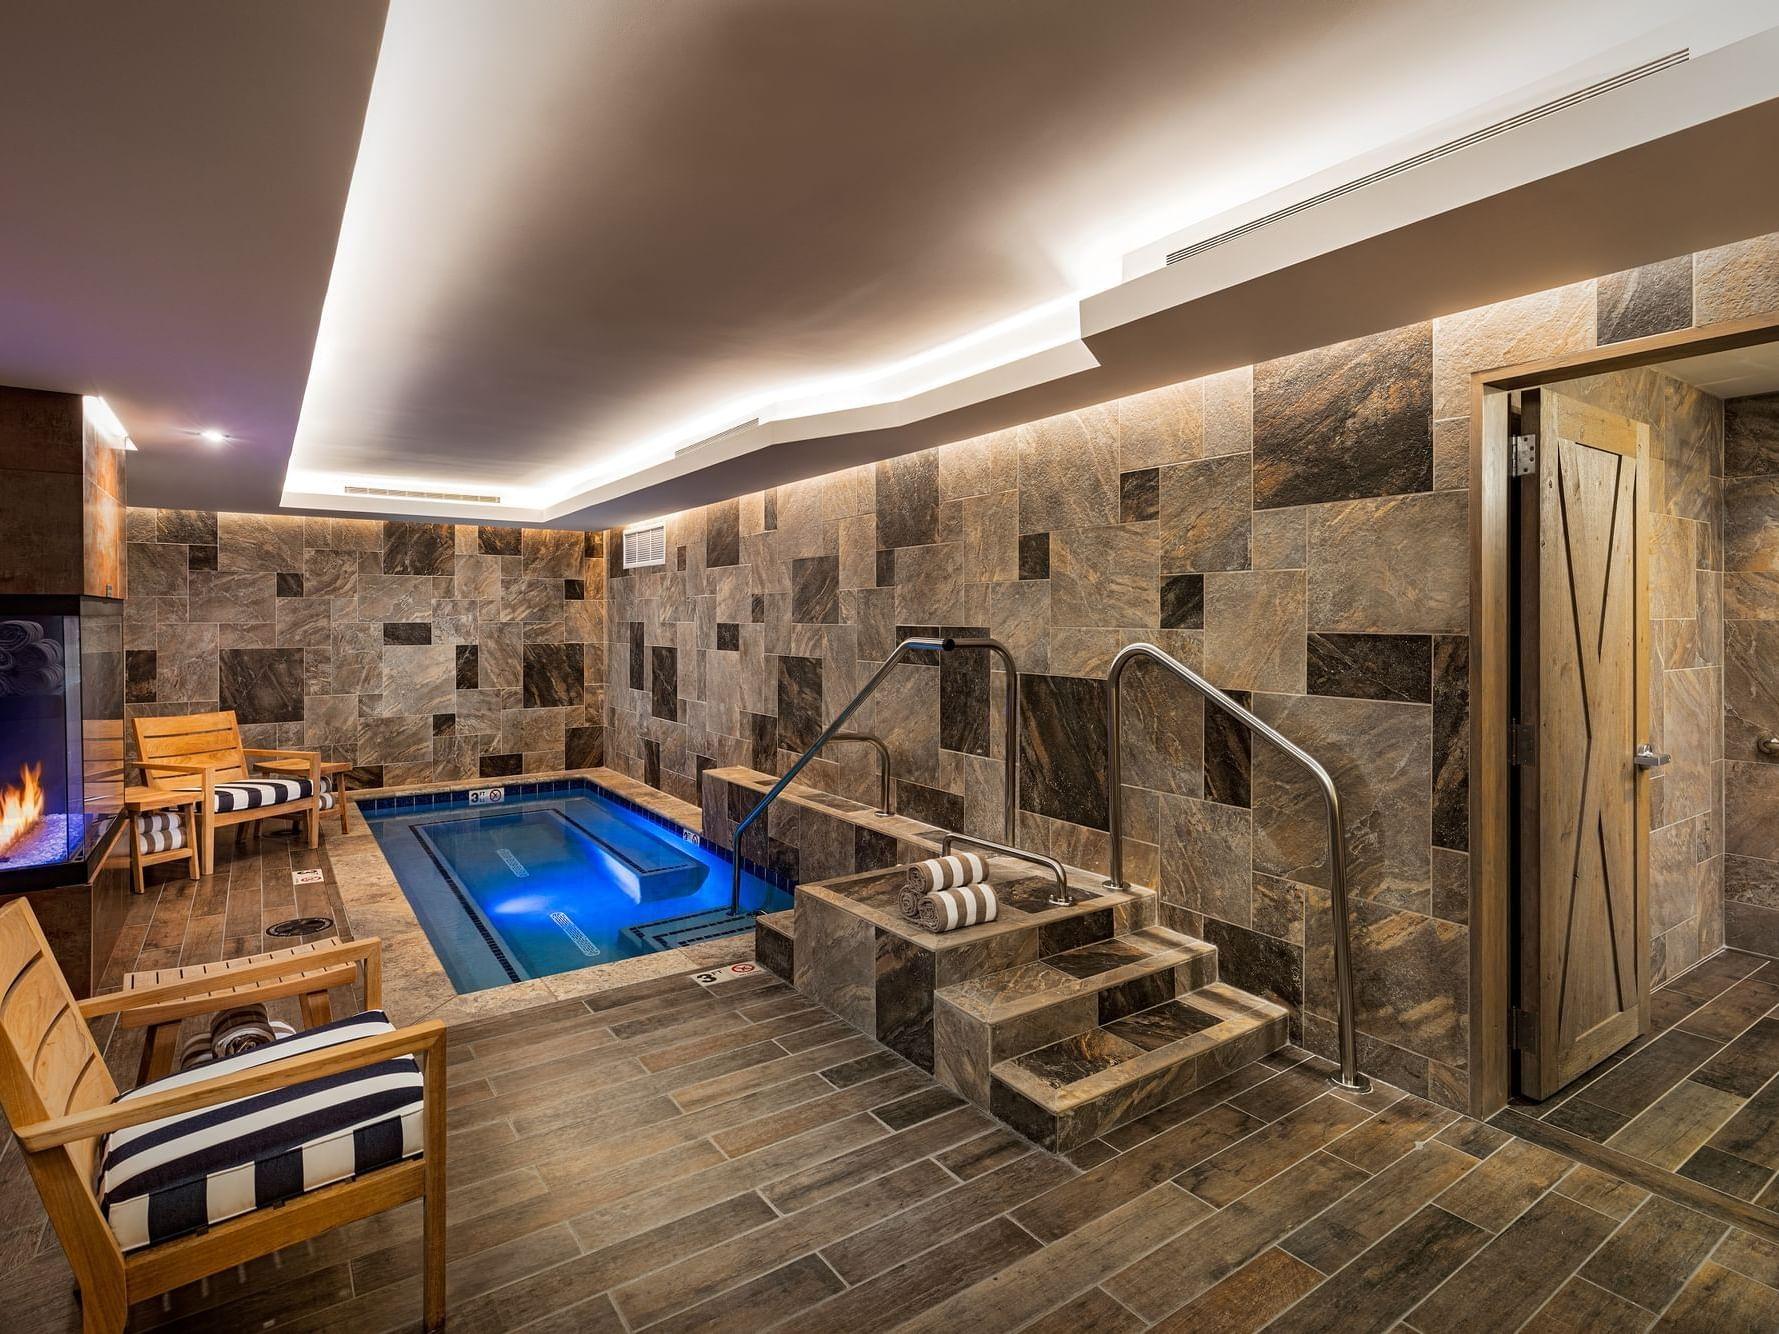 Hot tub at Wyoming Inn